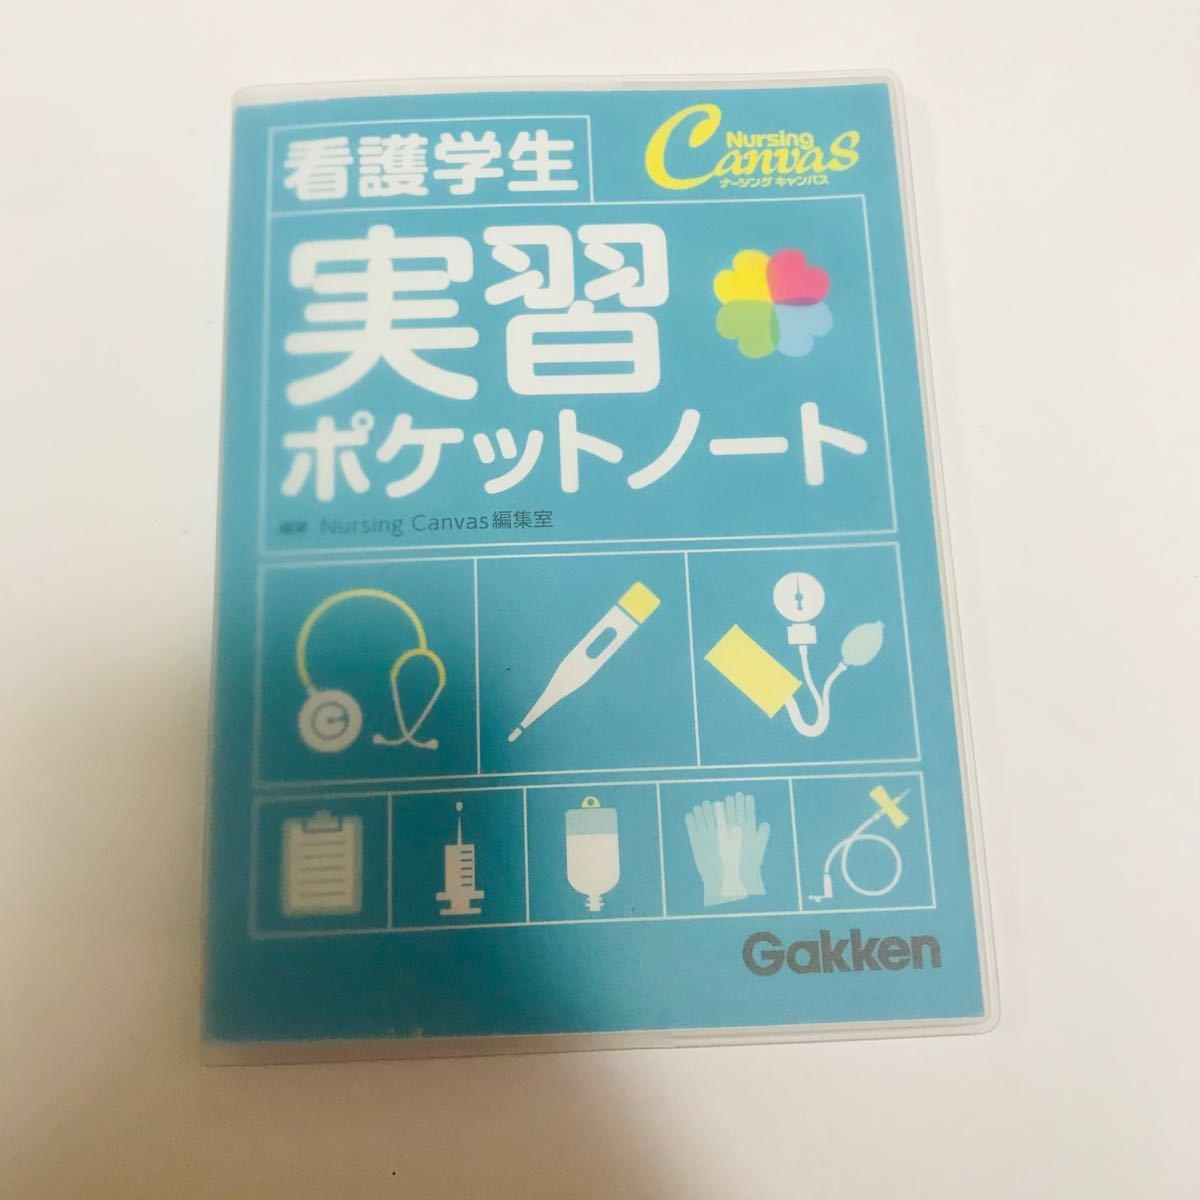 看護学生実習ポケットノート/NursingCanvas編集室